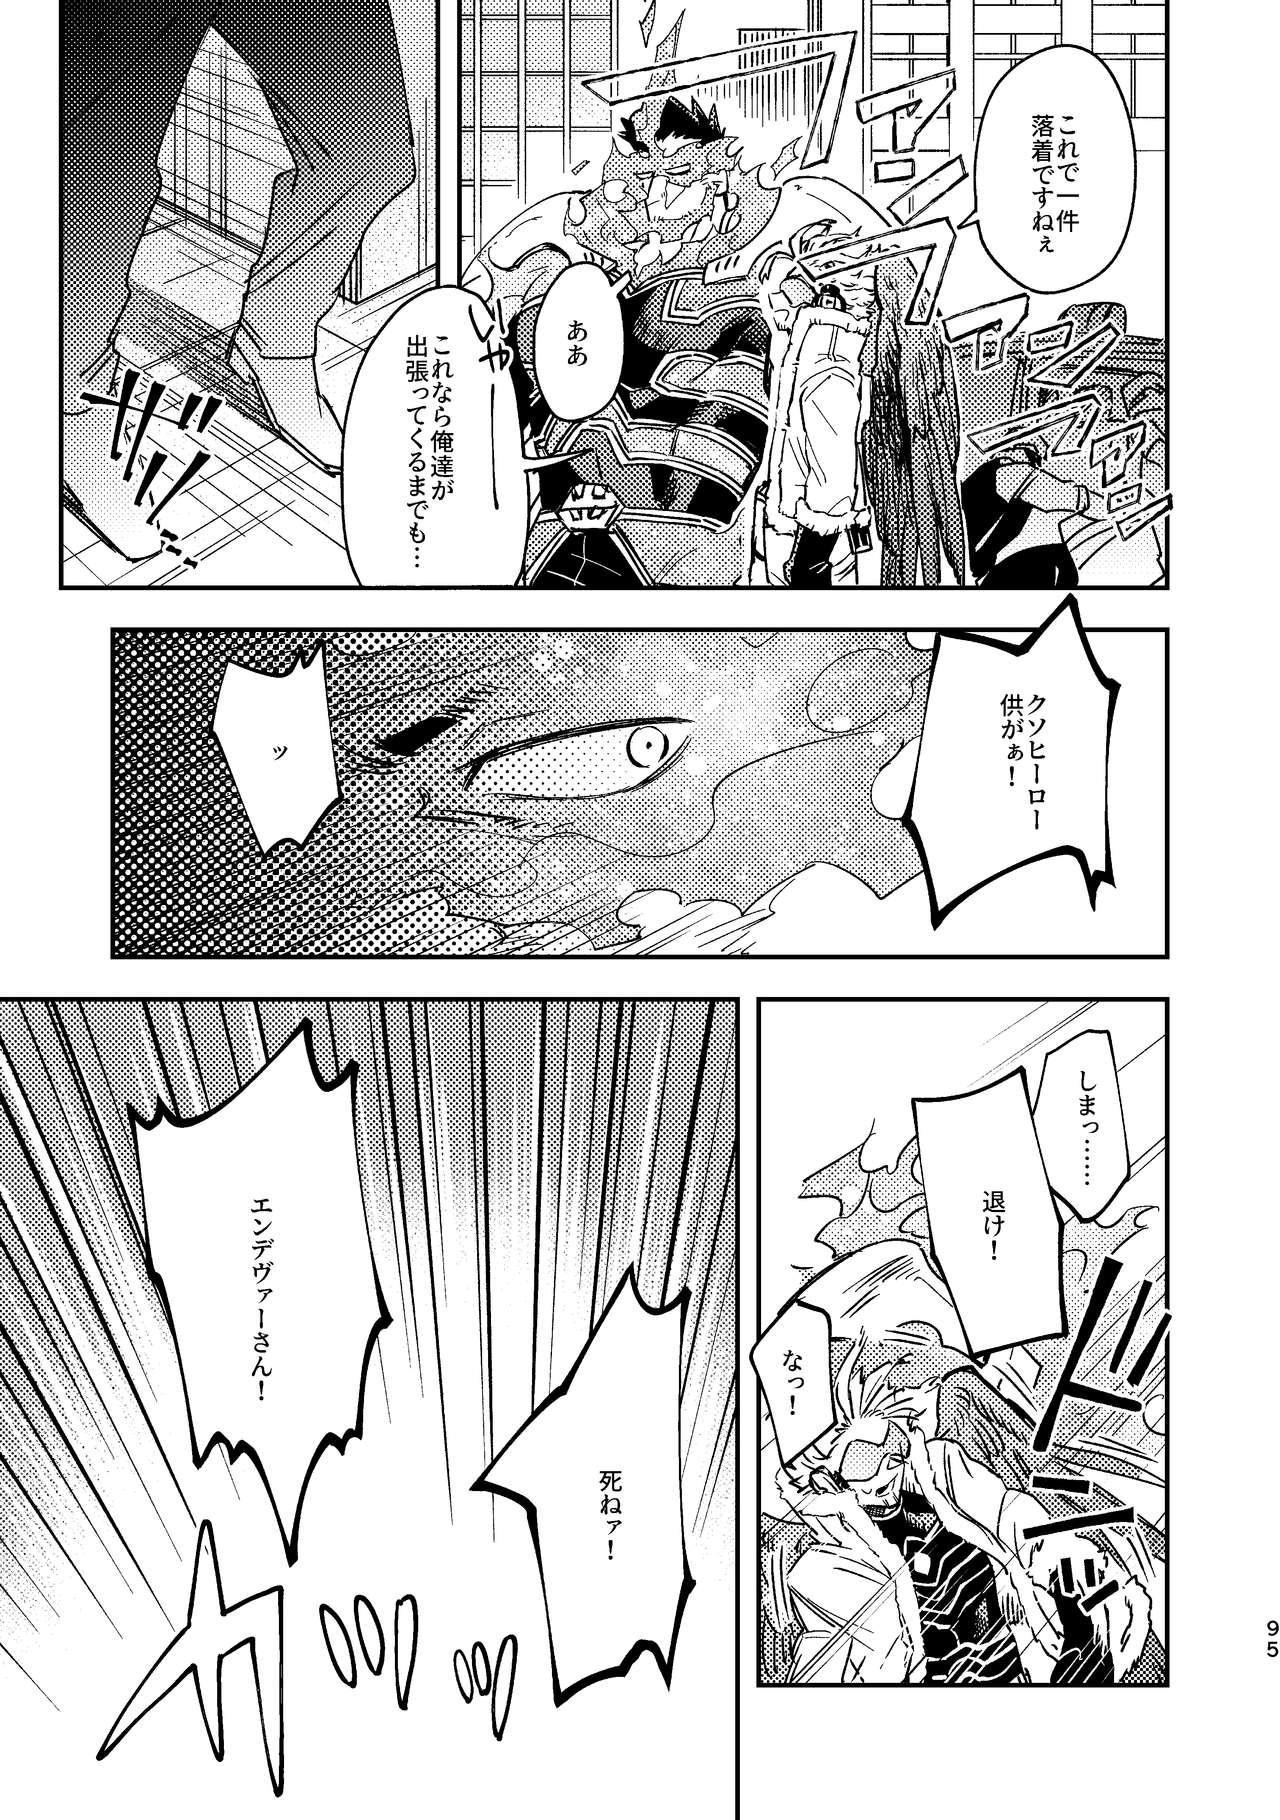 WEB Sairoku Zumi HawEn Manga ga Kami demo Yomeru Hon. 94